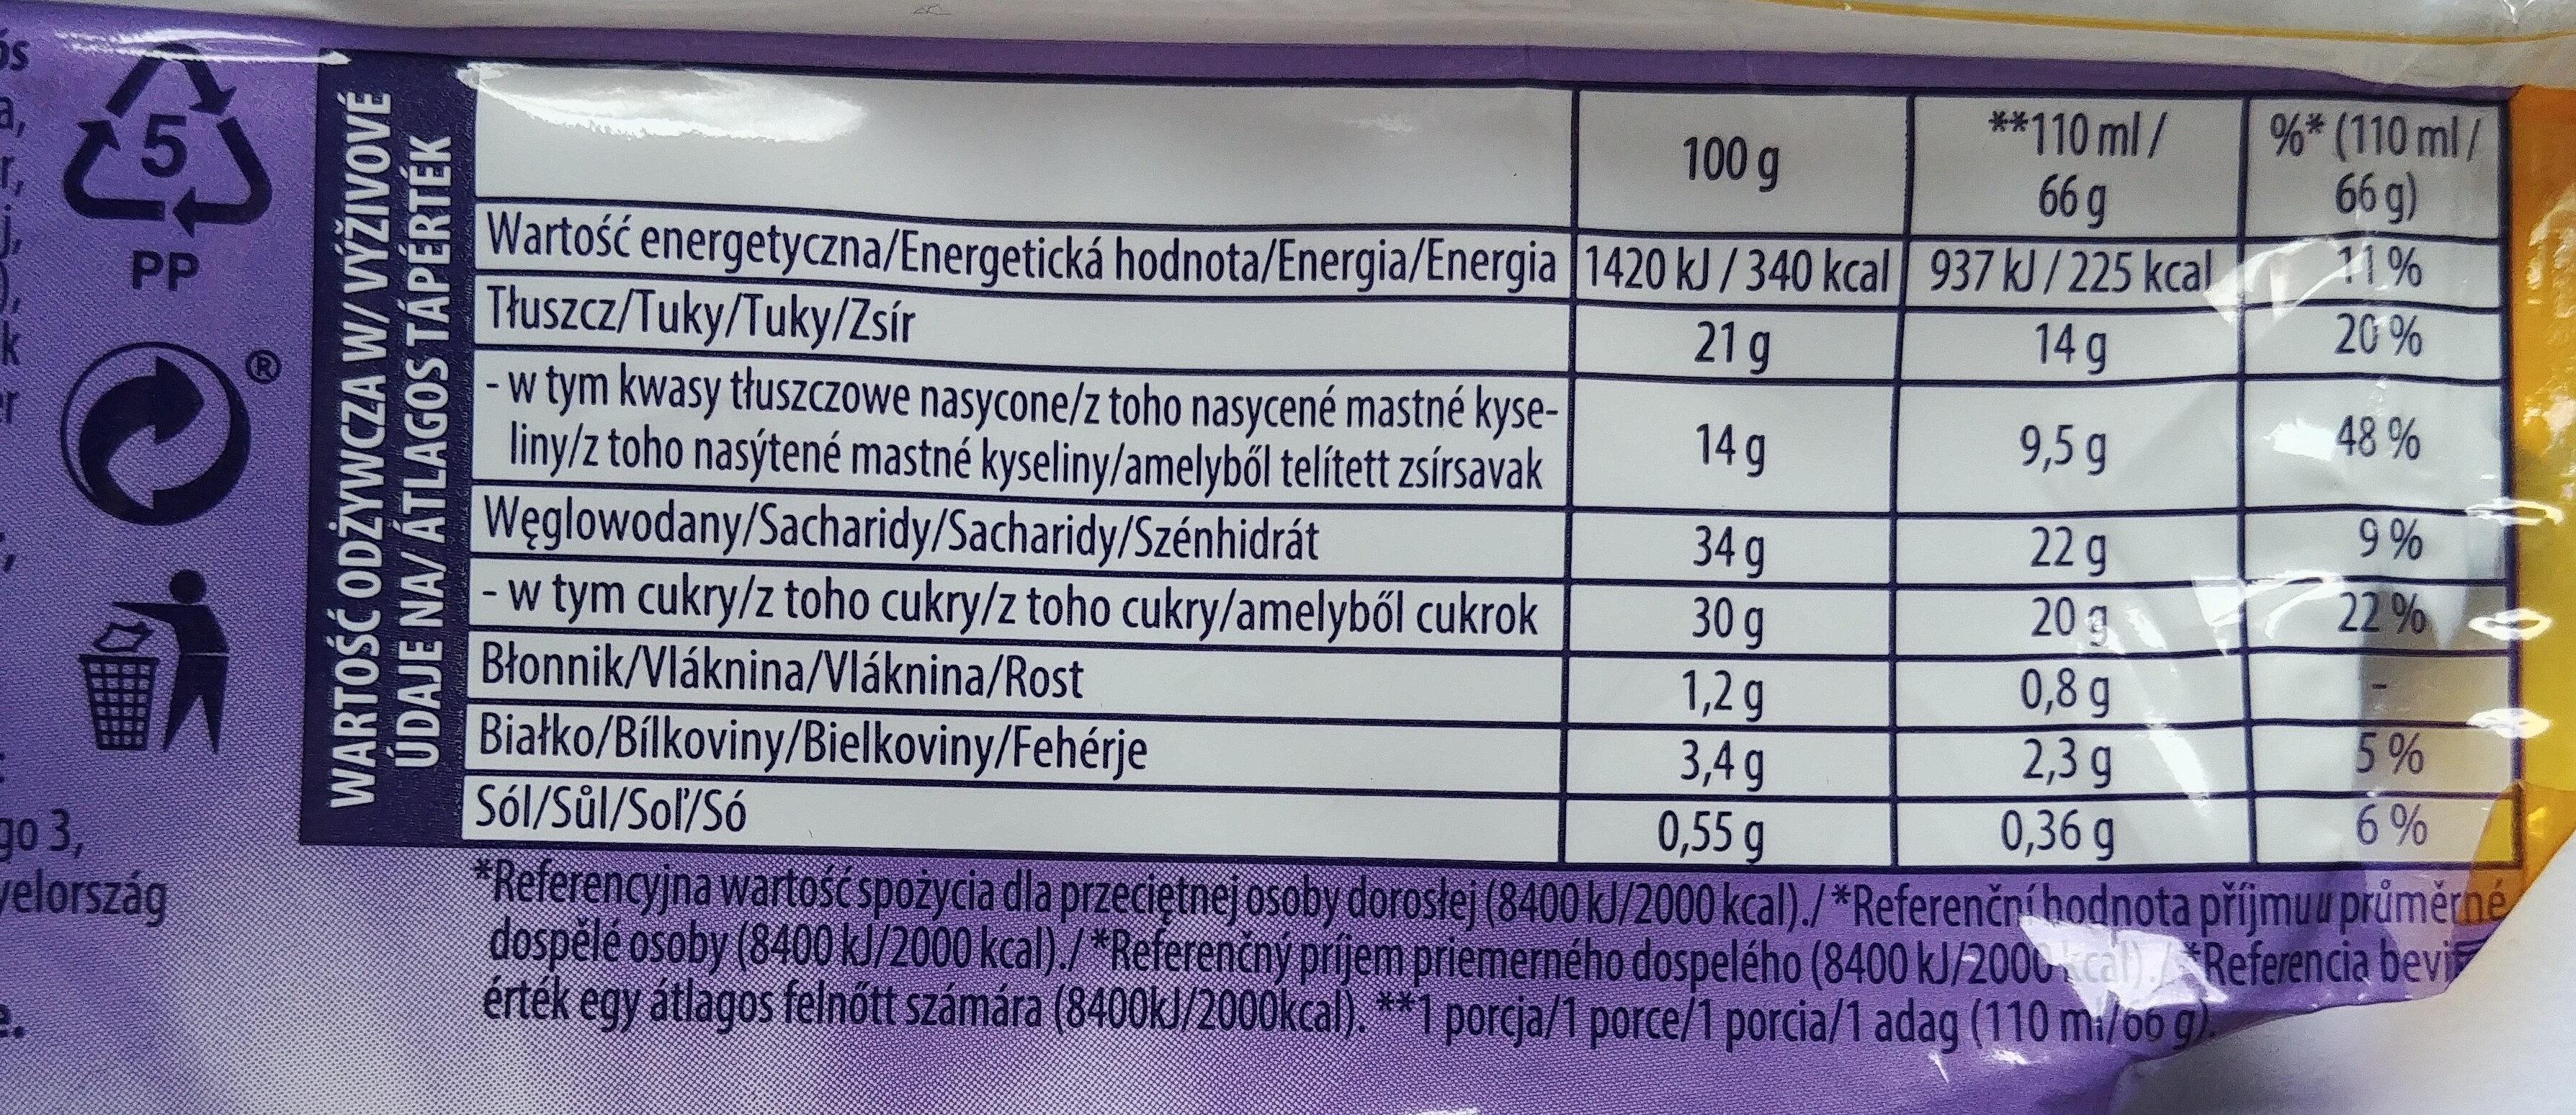 Lody waniliowe i lody czekoladowe w polewie z czekolady mlecznej z kuleczkami ryżowymi i kawałkami słodkich herbatników - Wartości odżywcze - pl